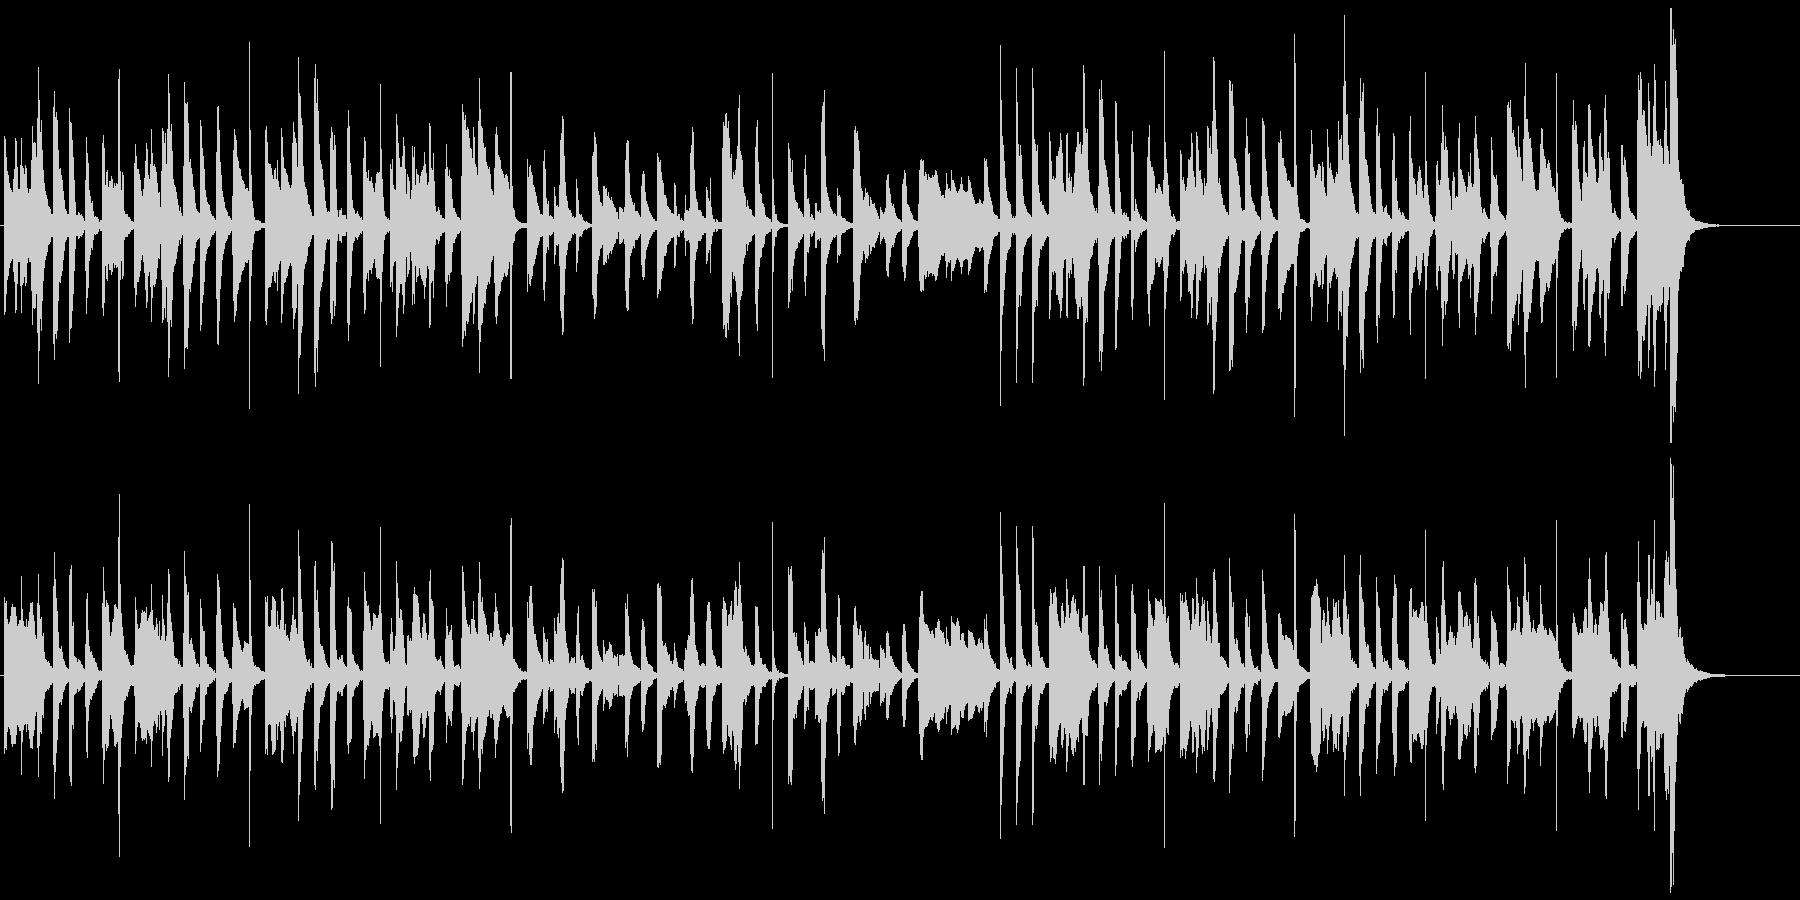 ほのぼの・可愛らしいマリンバ・小物楽器の未再生の波形